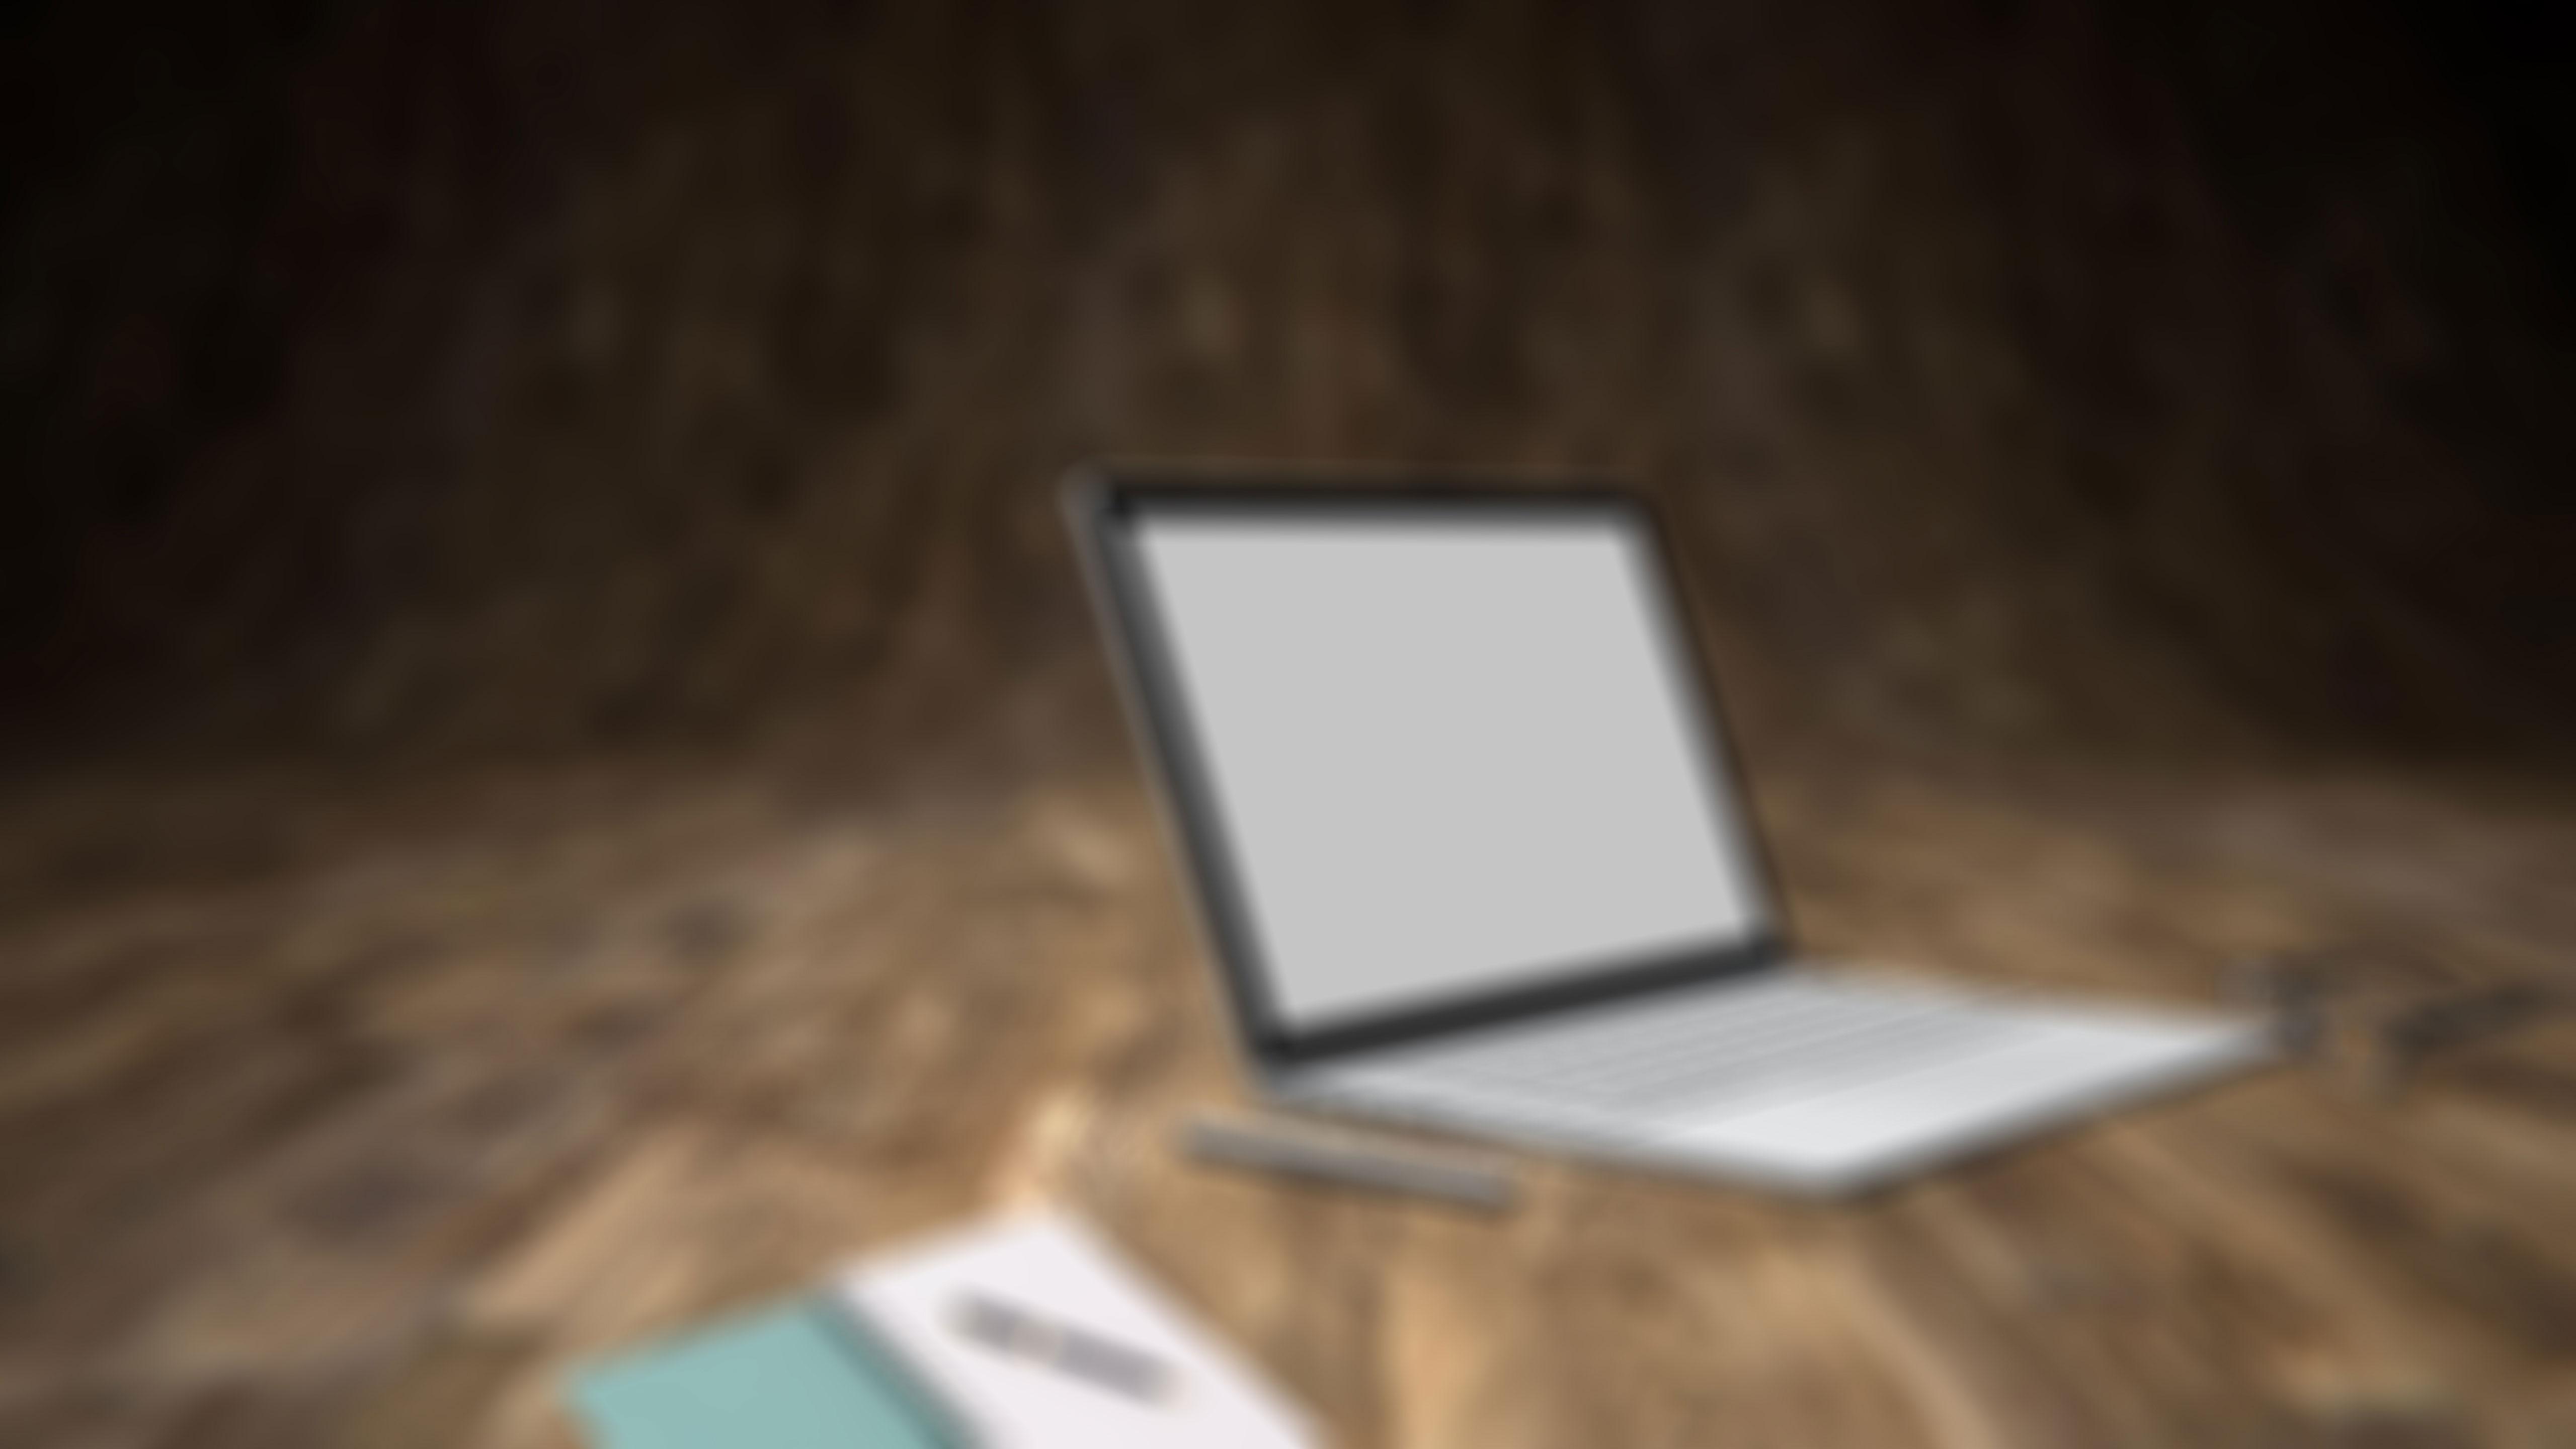 Створення сайту Рівне, Розробка сайтів Рівне, Створення сайтів Рівне, Розробка сайтів Рівне